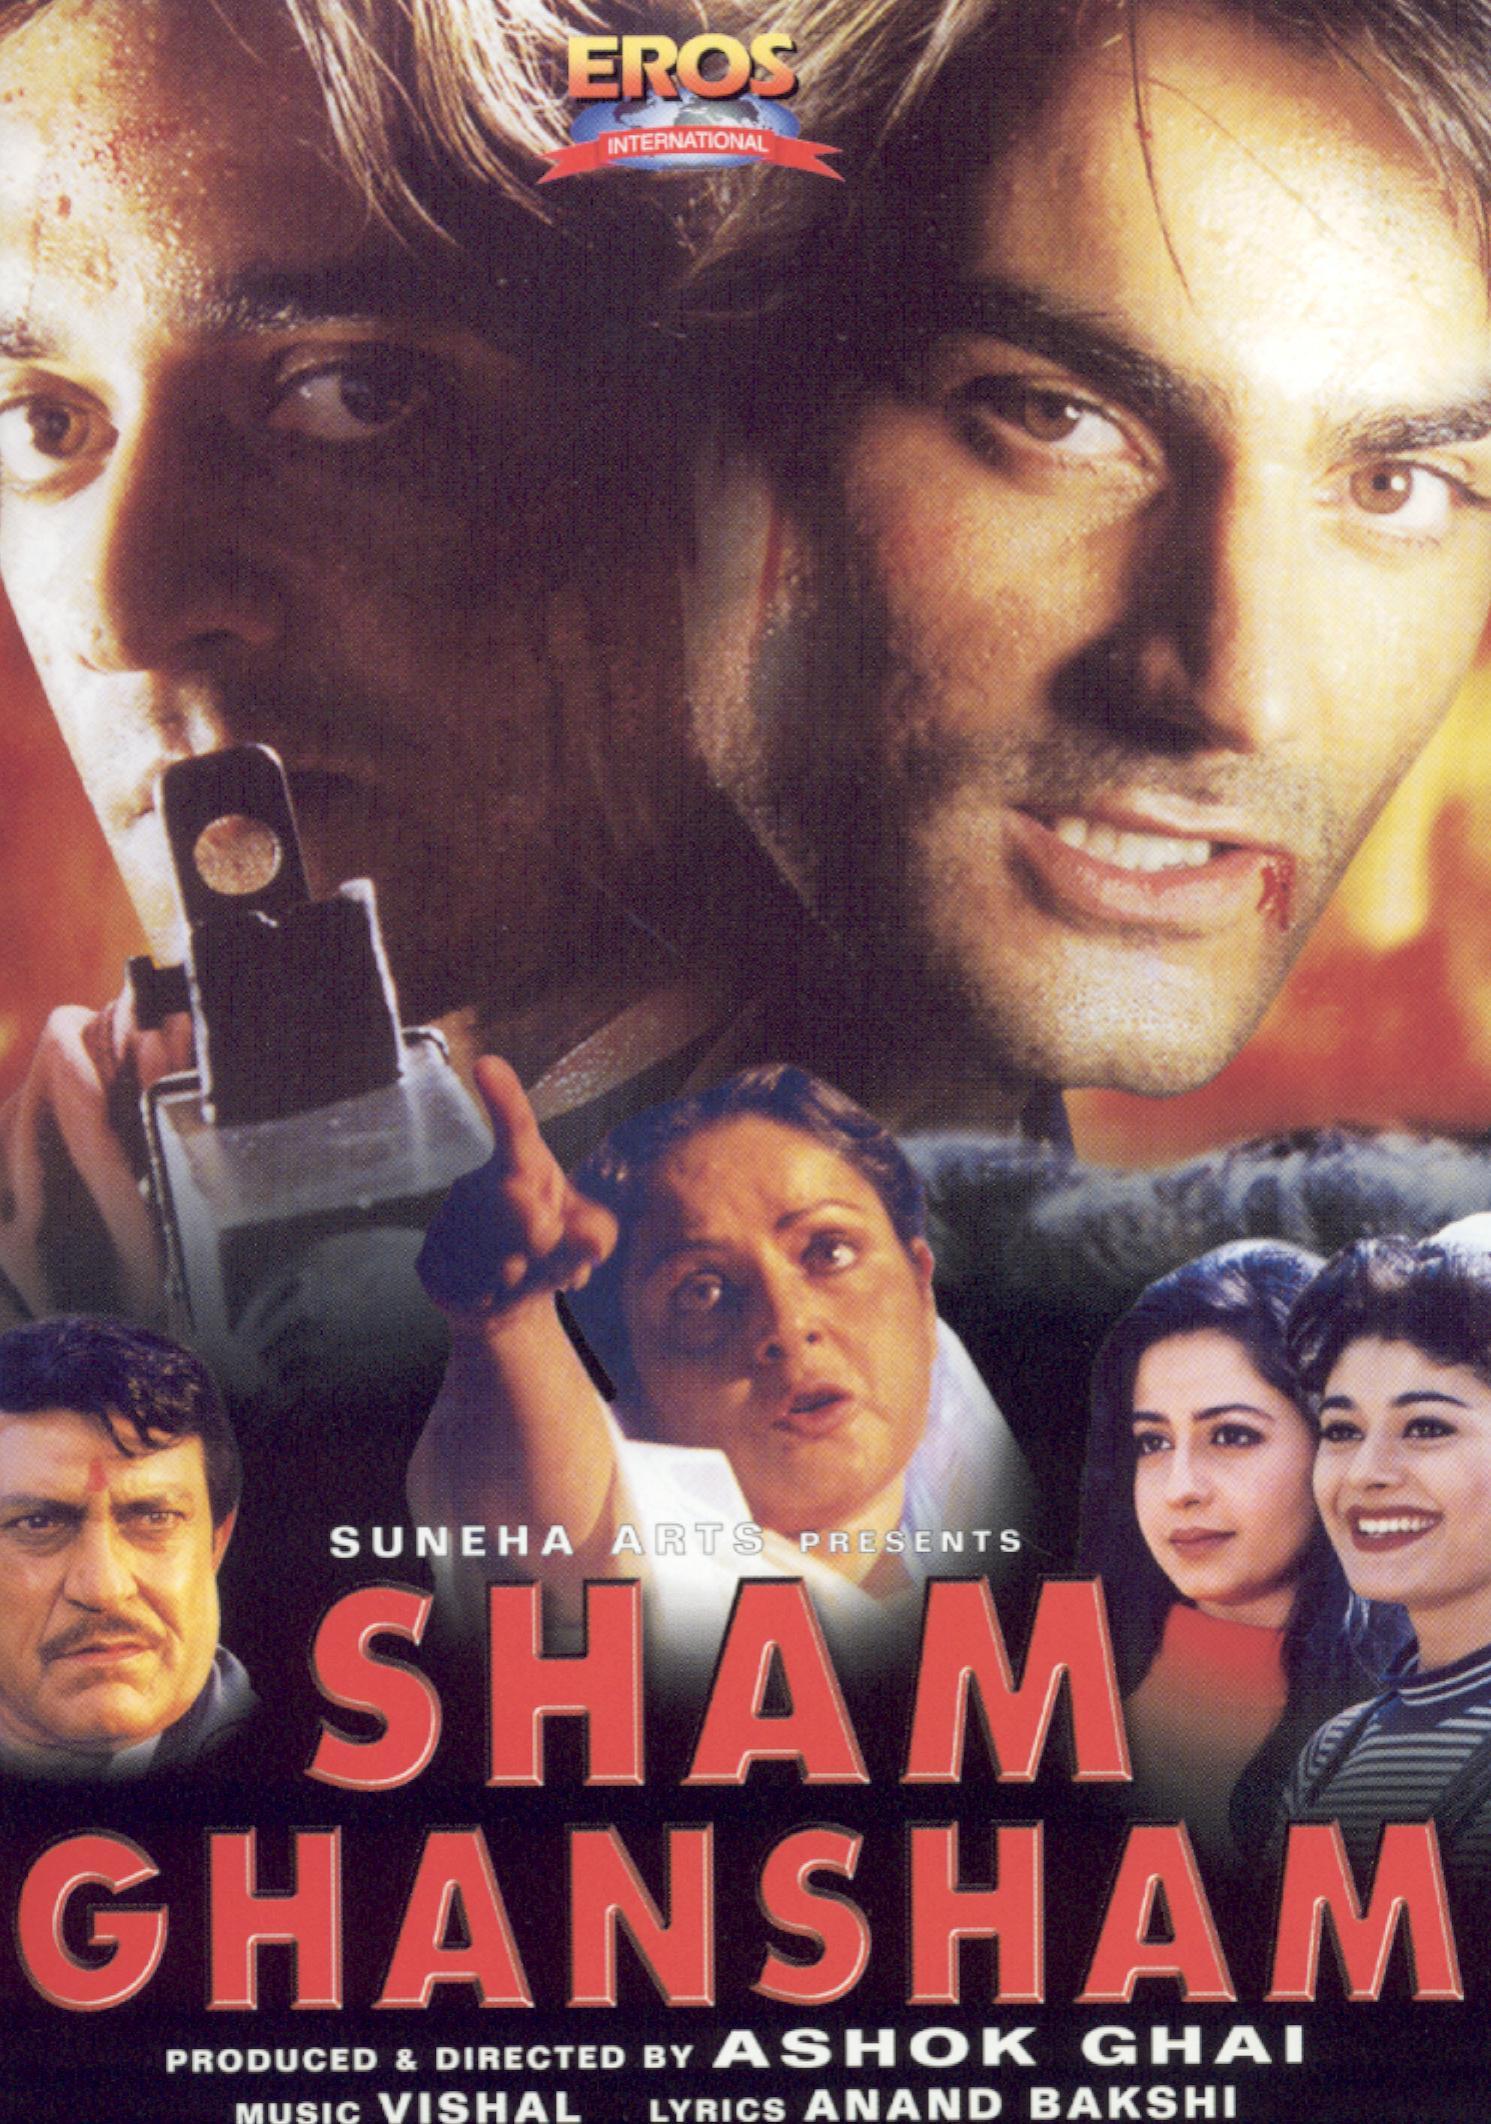 Sham Ghansham